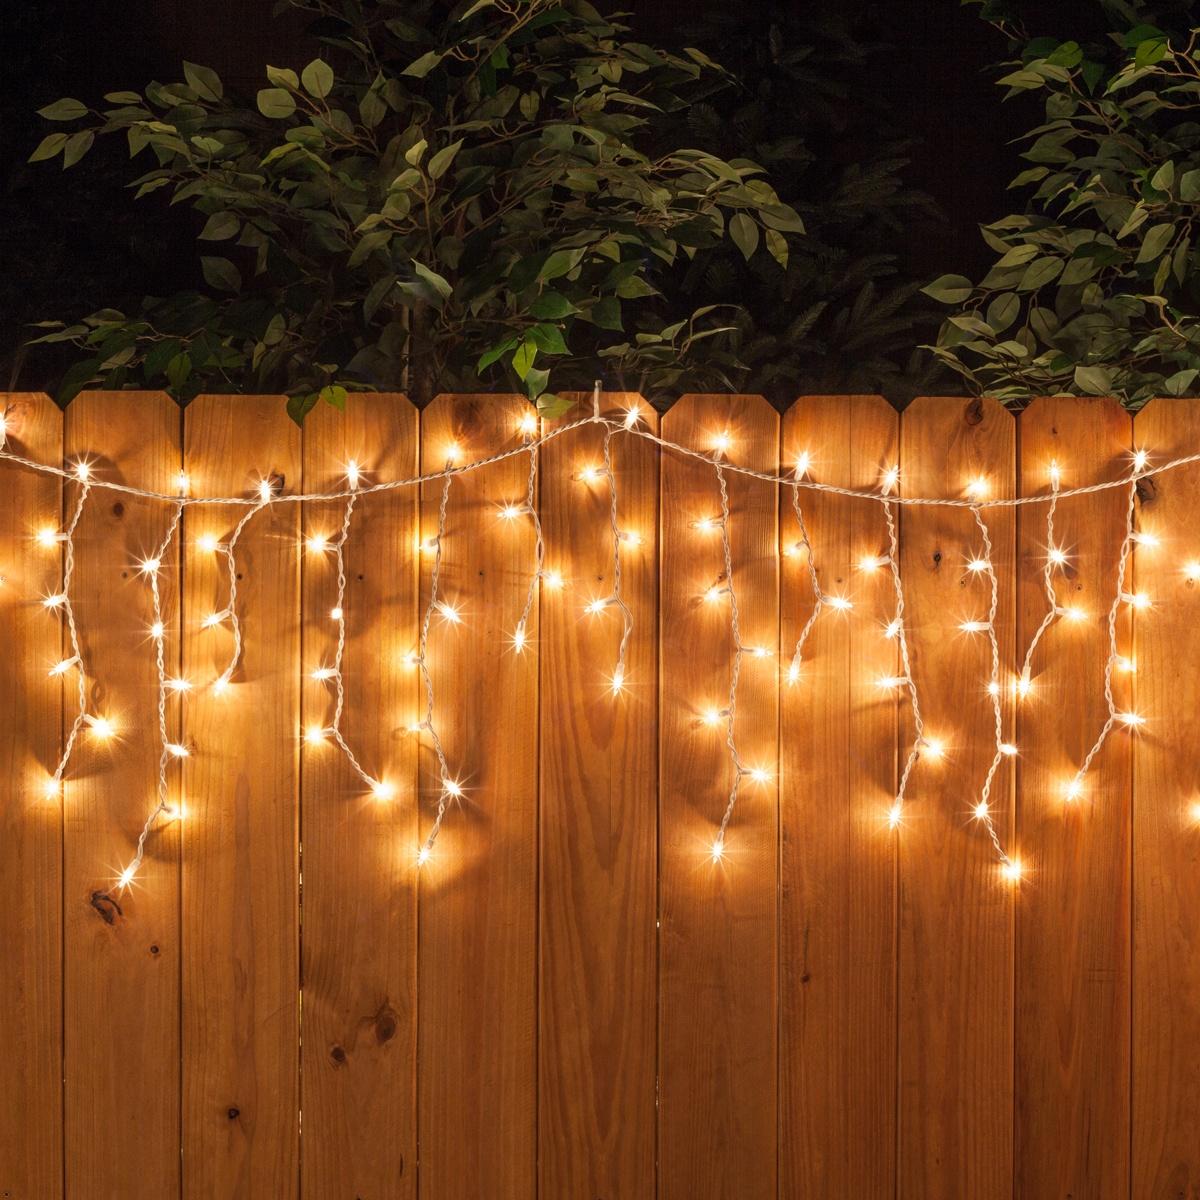 Led Copper String Lights